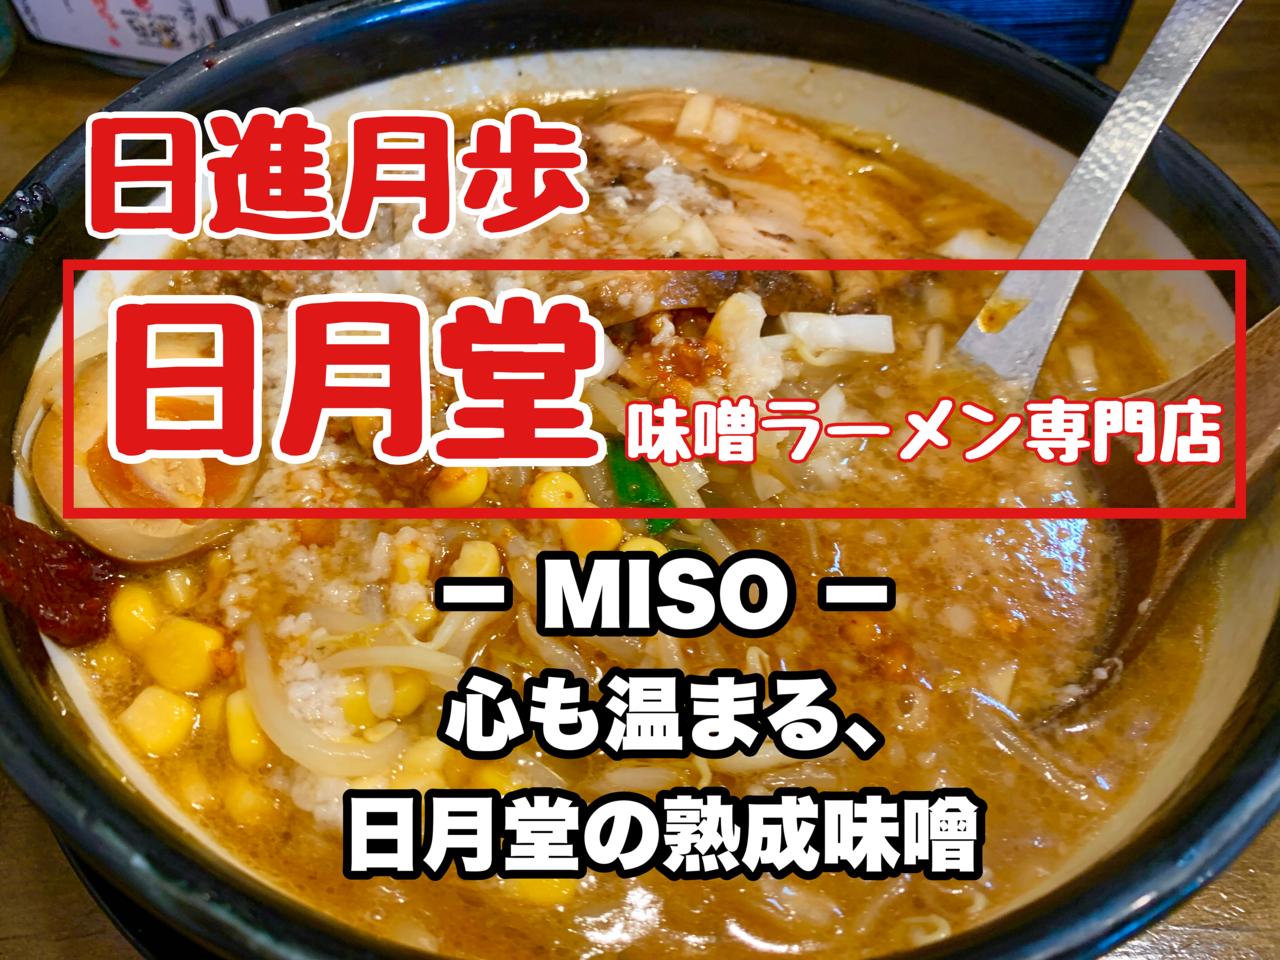 【三郷市食べ歩きブログ】三郷市上彦名にある味噌ラーメン専門店「日月堂 三郷店」へ行ってきました!